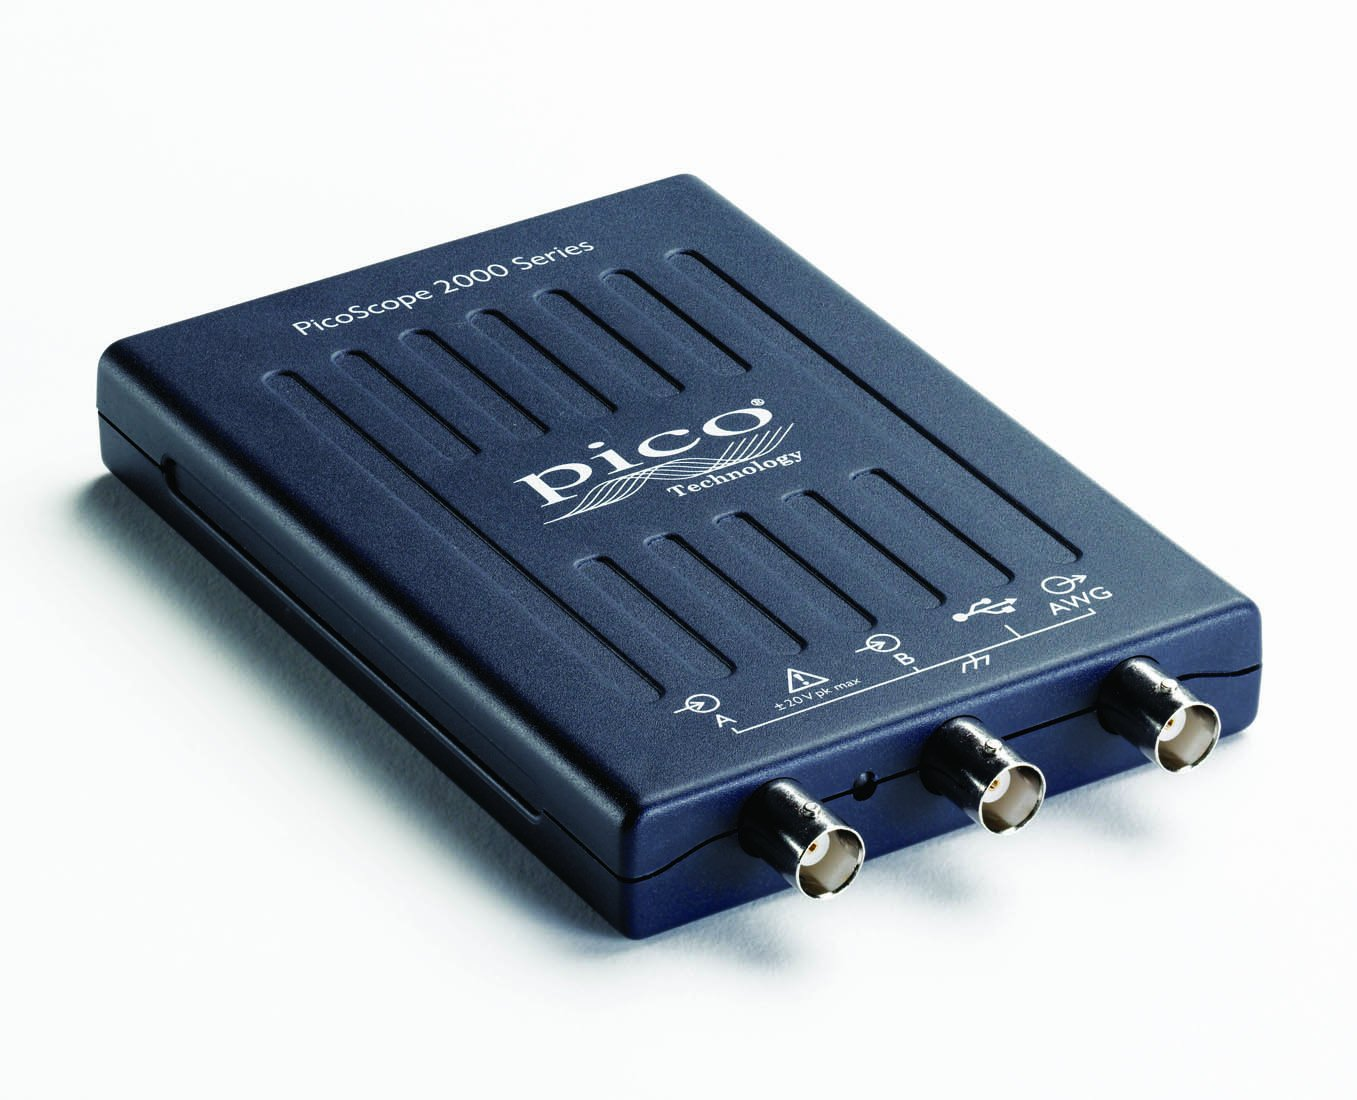 PicoScope 2204A - Oscilloscopio USB a 2 canali, 10 MHz, con sond